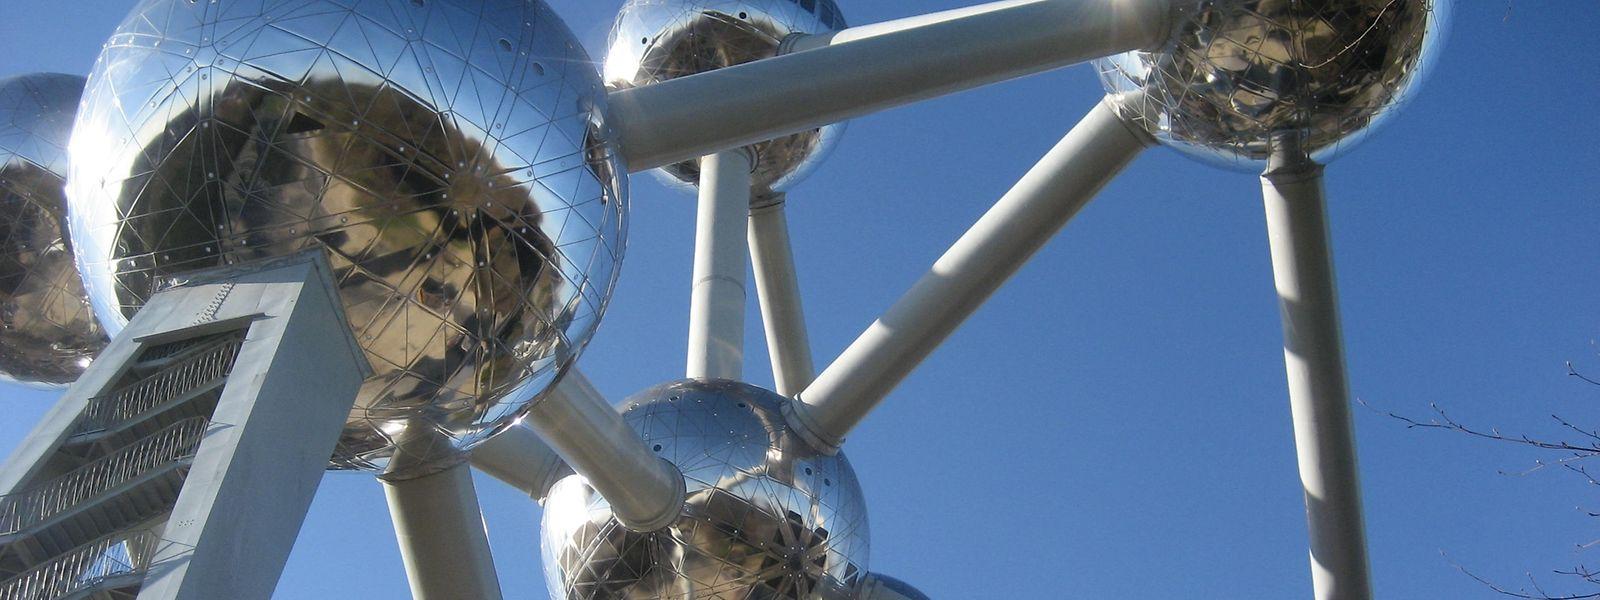 Das Atomium wurde für die Weltausstellung 1958 errichtet und feiert am 17. April sein 60-jähriges Bestehen.